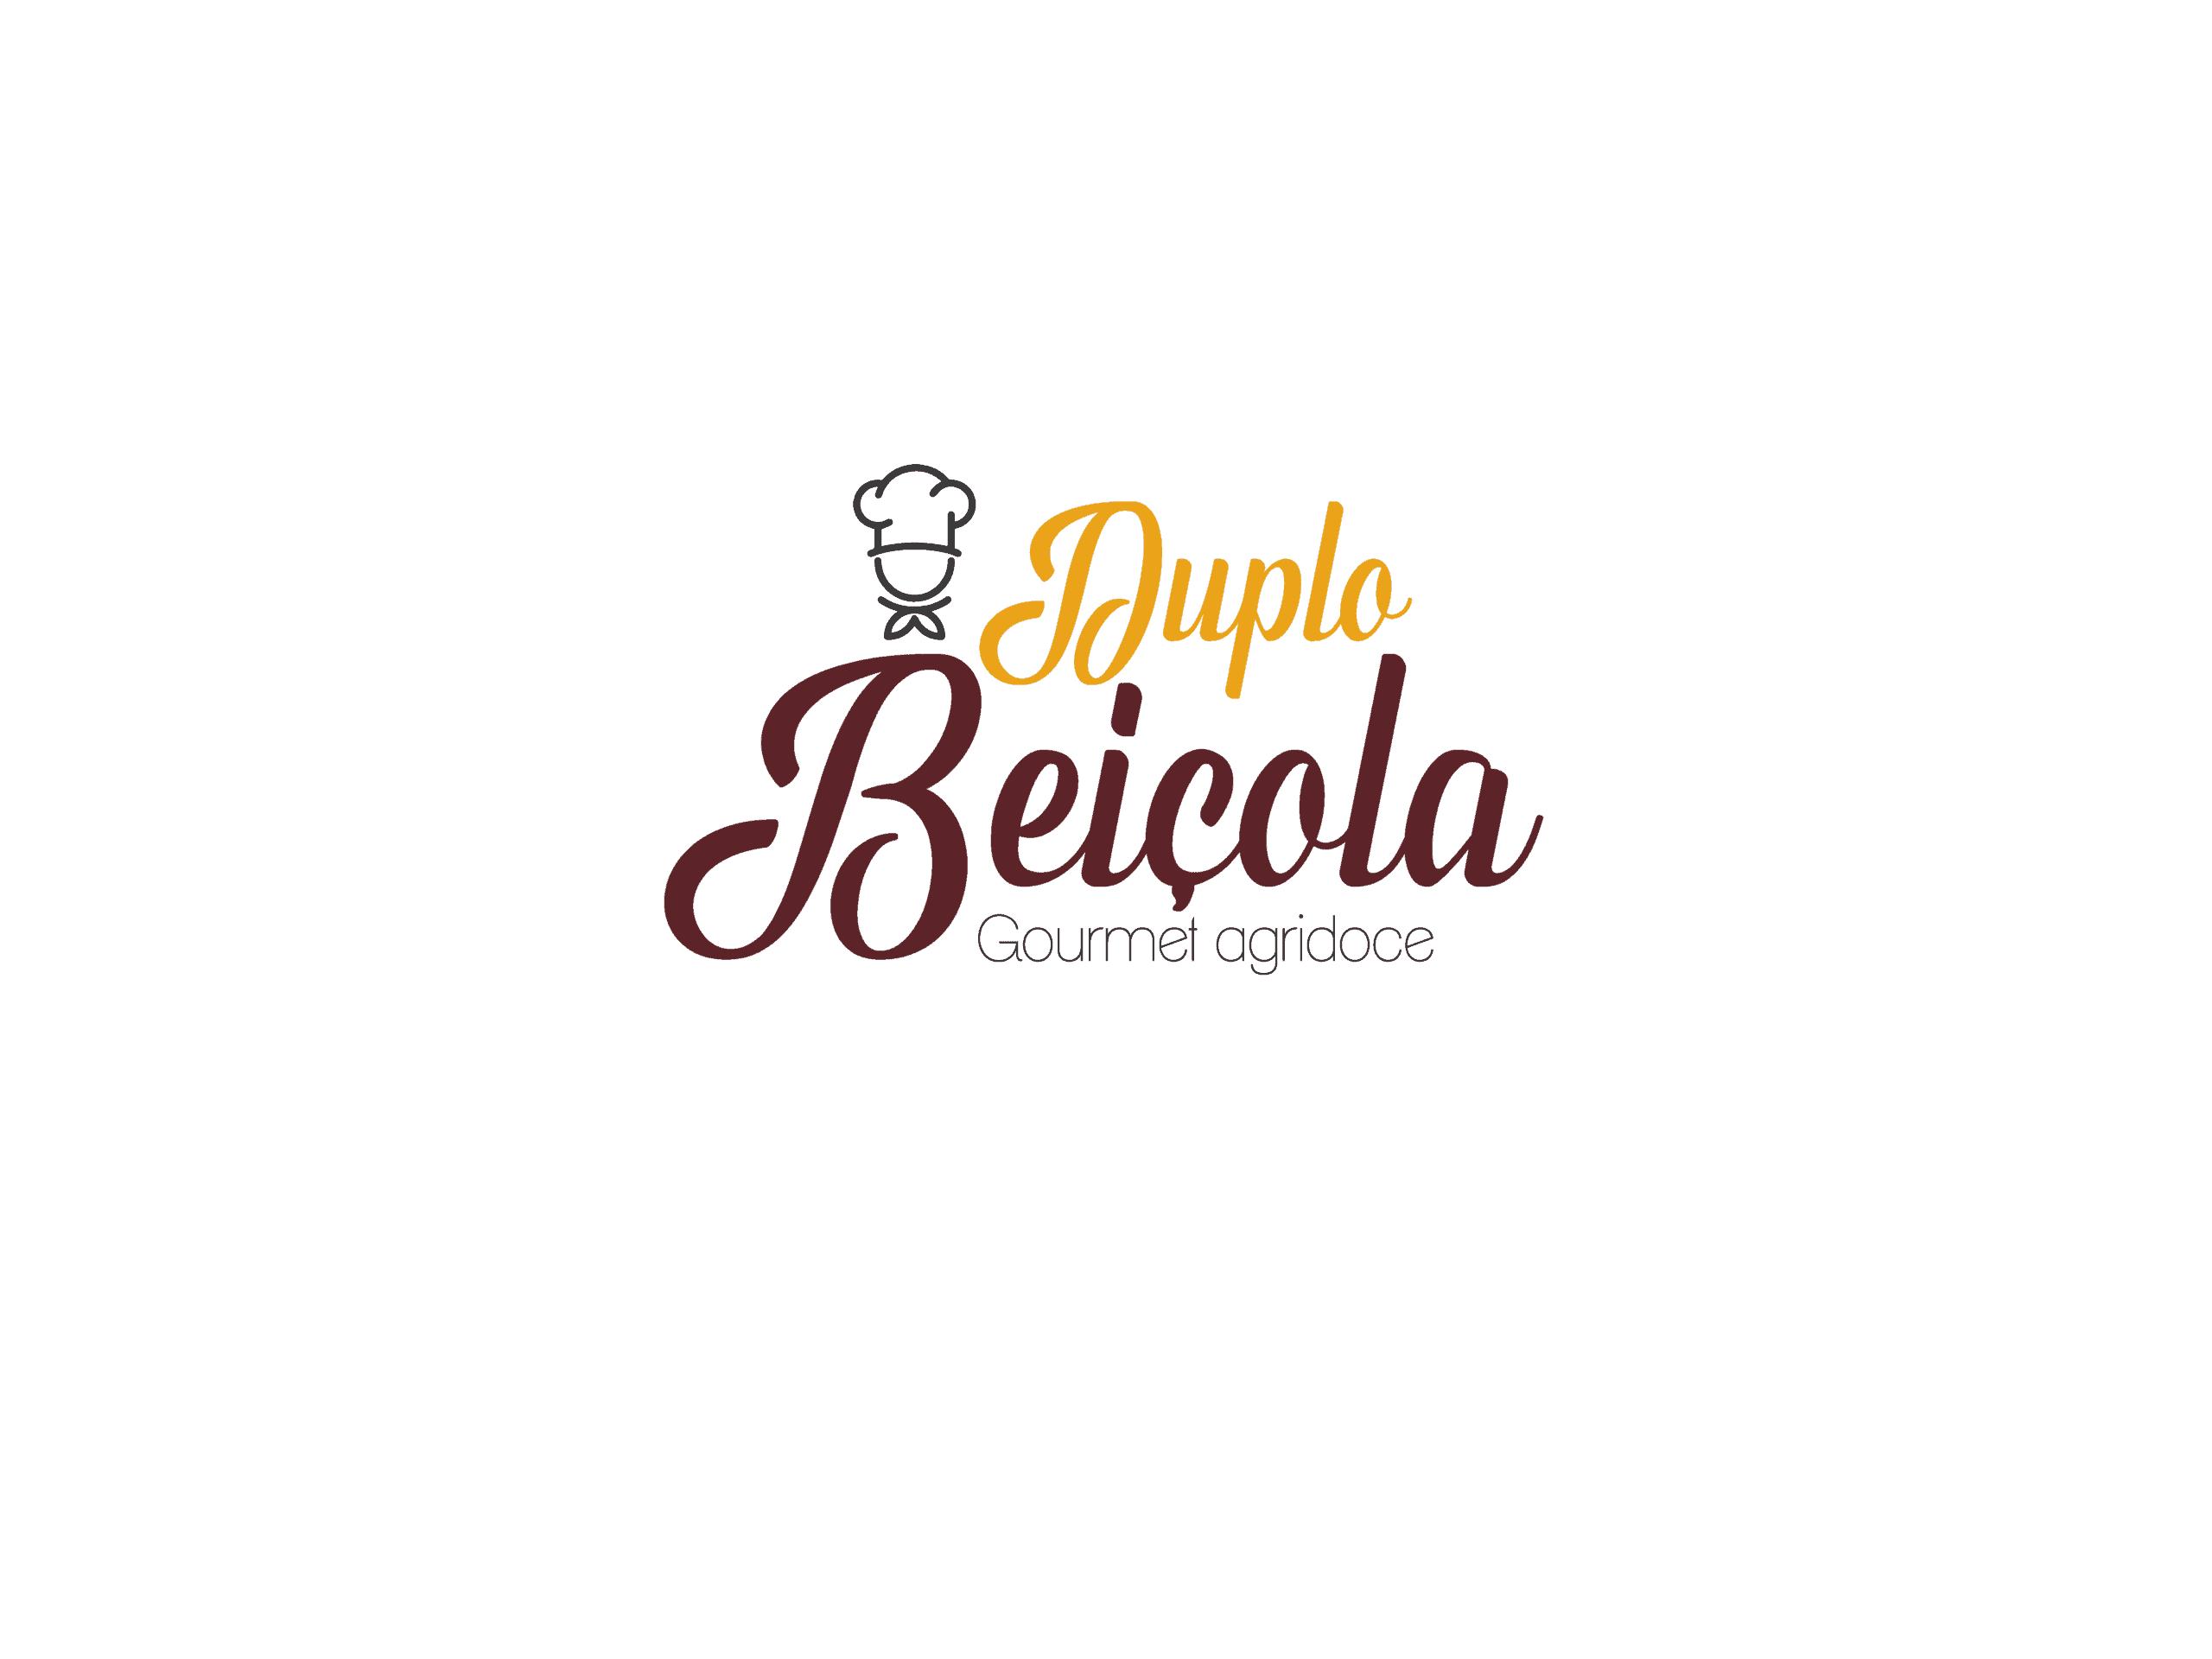 Logo Pastelaria - Duplo beiçola